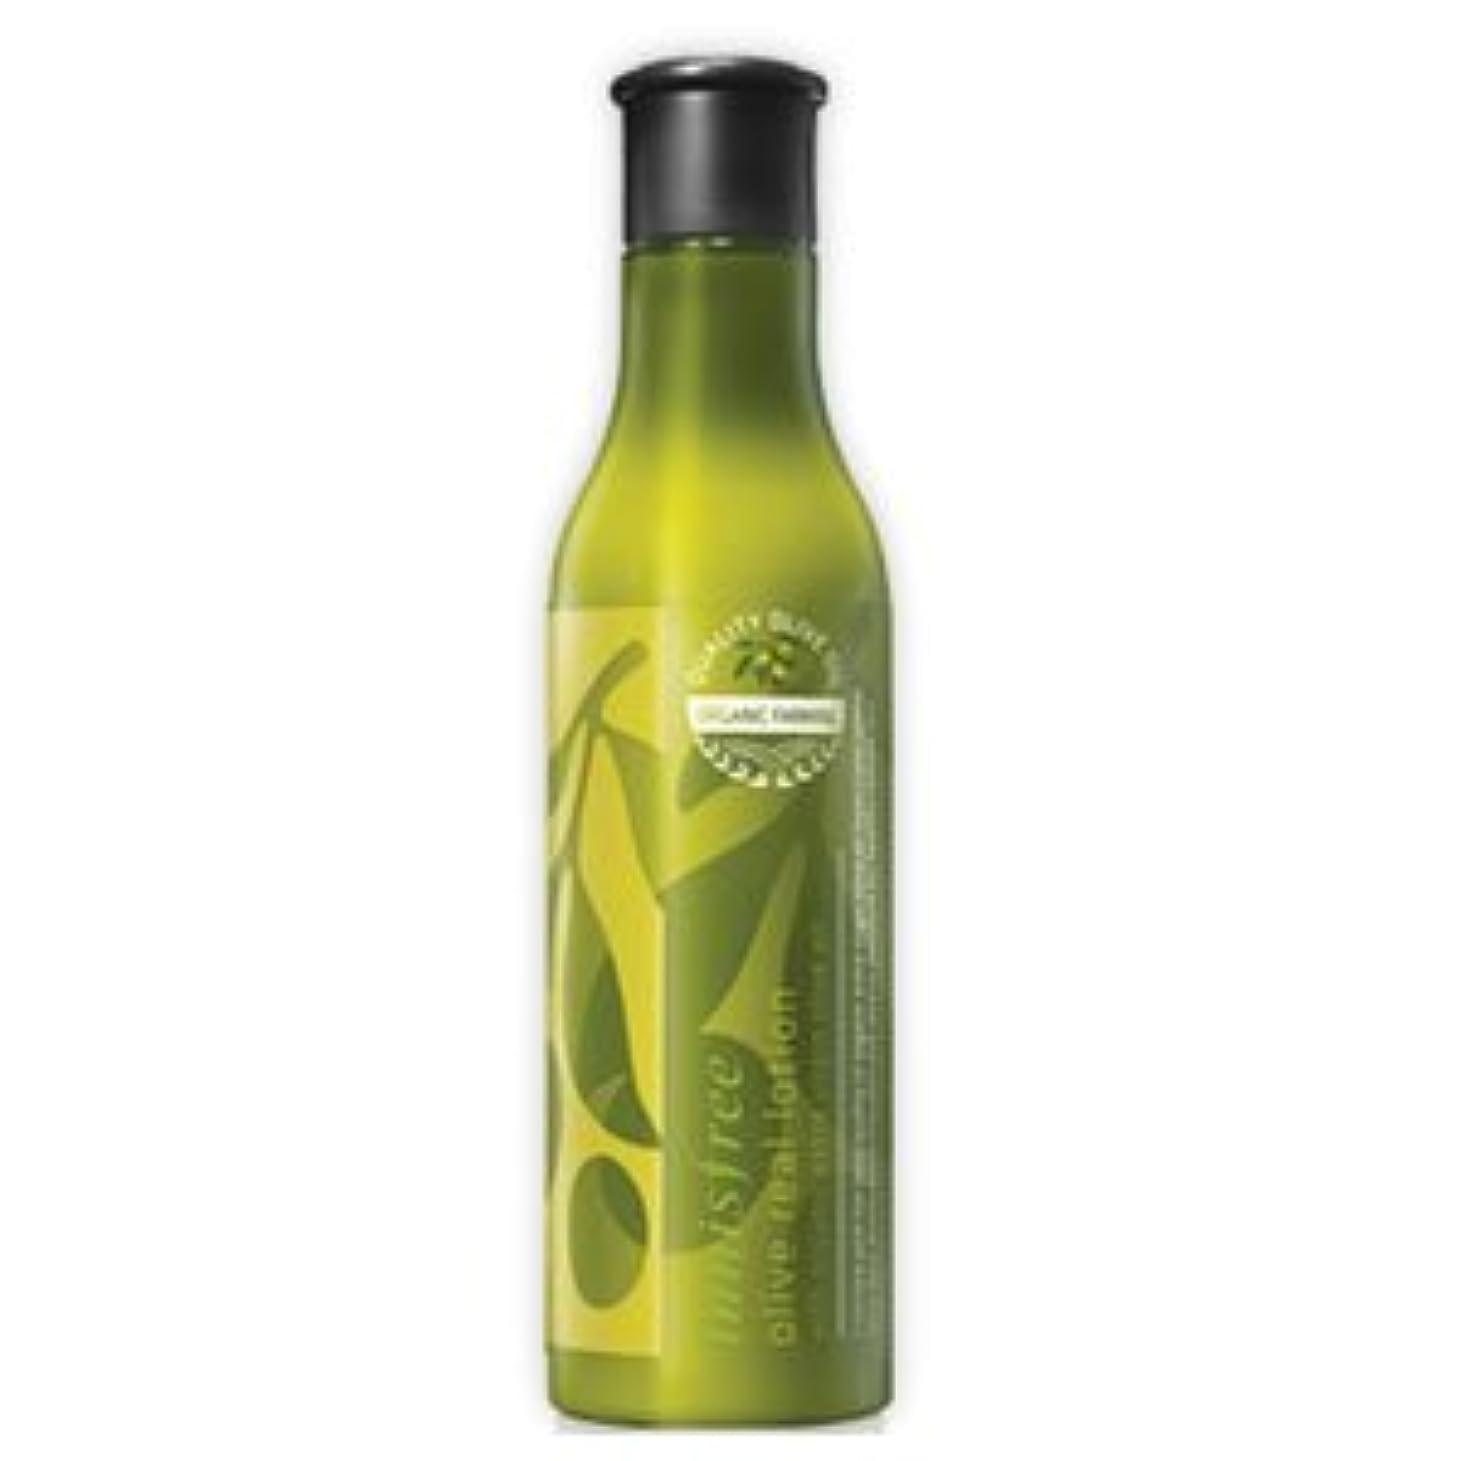 ゴミ箱誠意腹痛innisfree(イニスフリー) 保湿栄養 オリーブリアル ローション 乳液 160ml